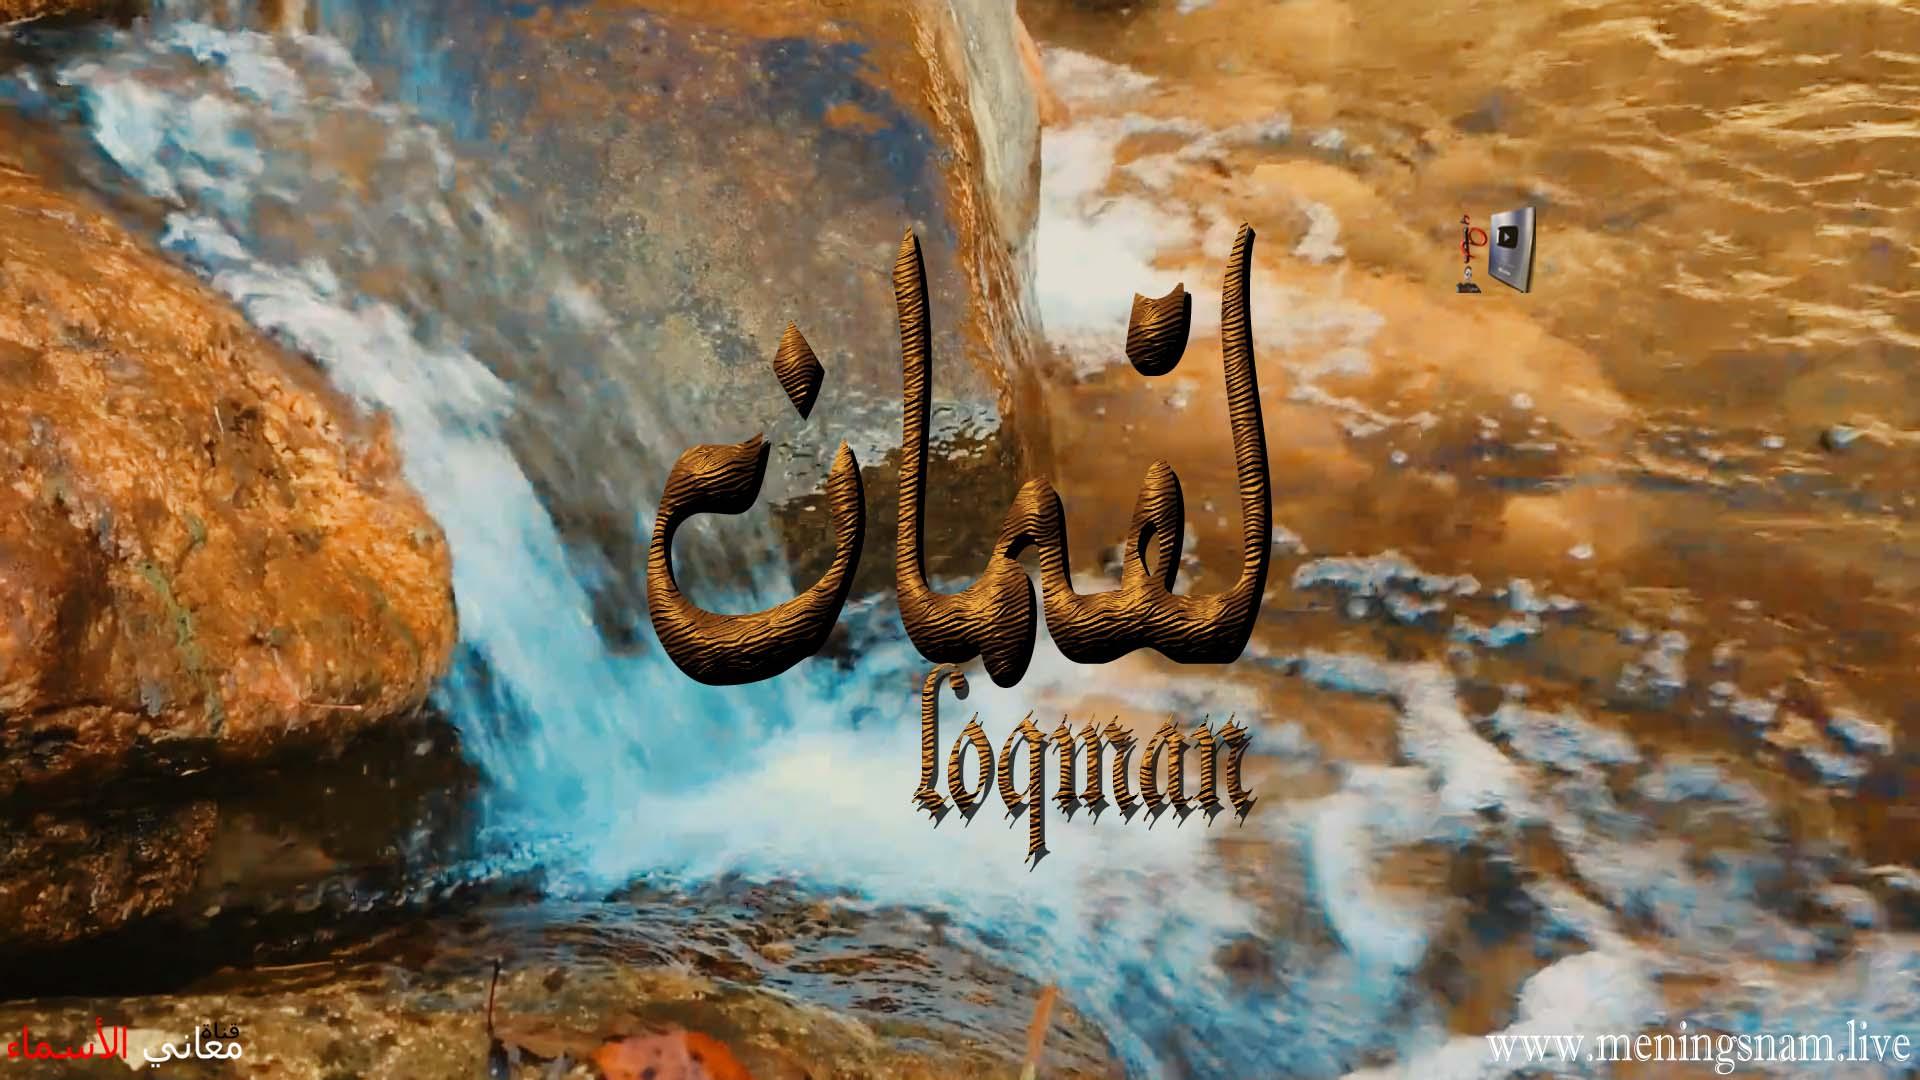 معنى اسم لقمان وصفات حامل هذا الاسم Loqman